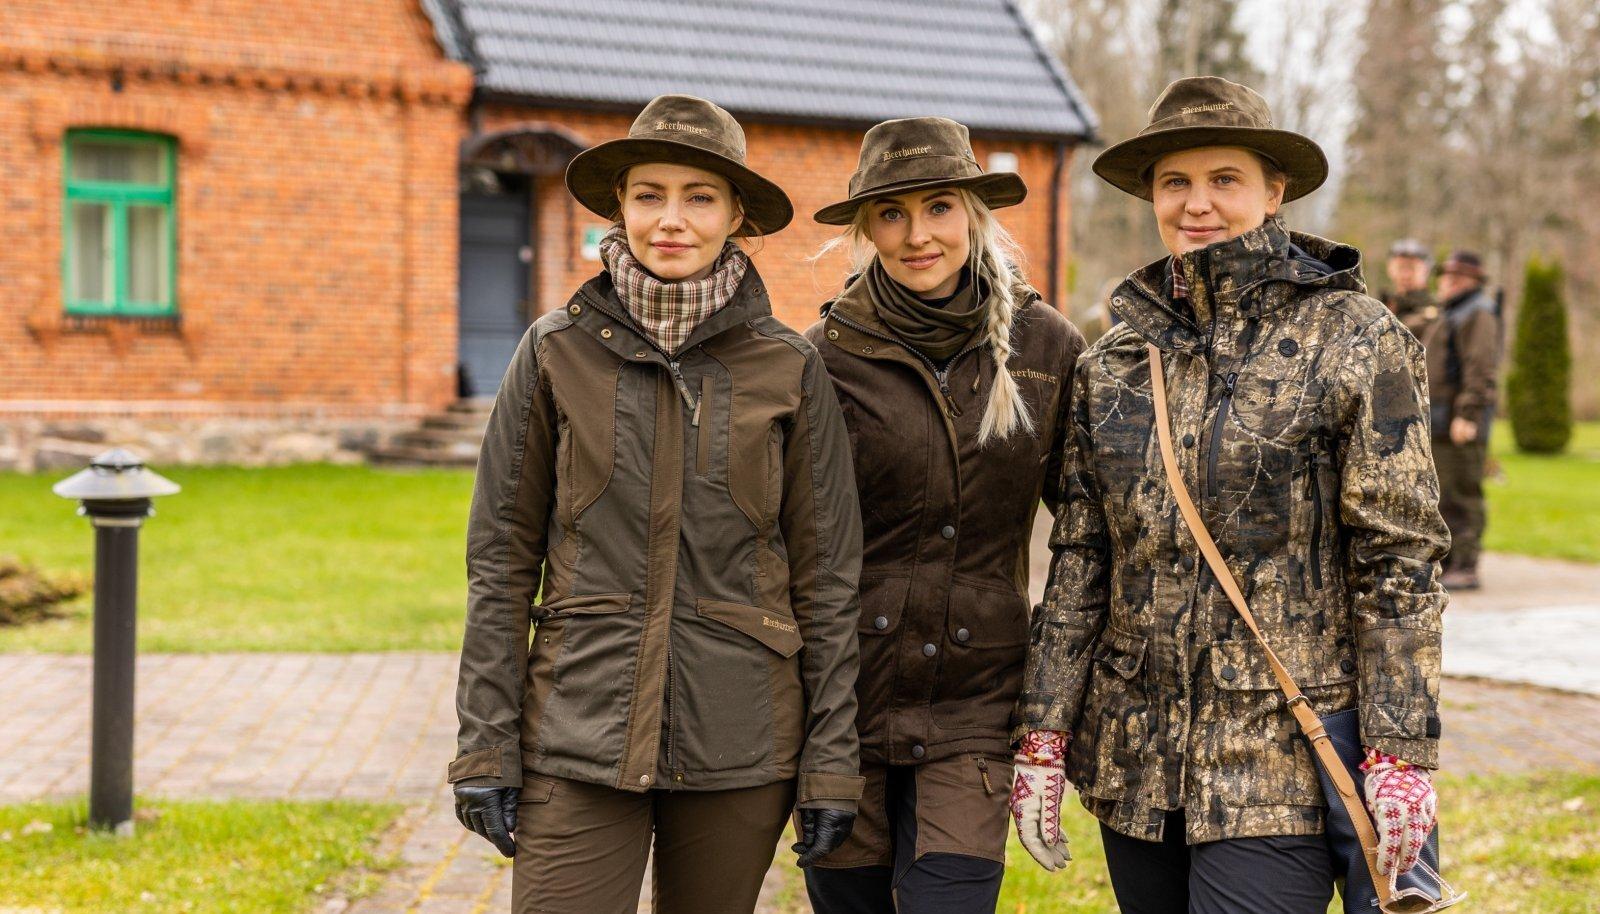 """KOLME SÕBRANNAT, kellega hakkab juhtuma, mängivad Mirtel Pohla, Grete Kuld ja Harriet Toompere. """"Jahihooaega"""" on nimetatud ka naiste """"Klassikokkutulekuks"""", sest stsenaarium on adapteeritud samadelt autoritelt. Taani versiooni eestindas Martin Algus. """"Jahihooaeg"""" esilinastub kinodes 5. detsembril."""